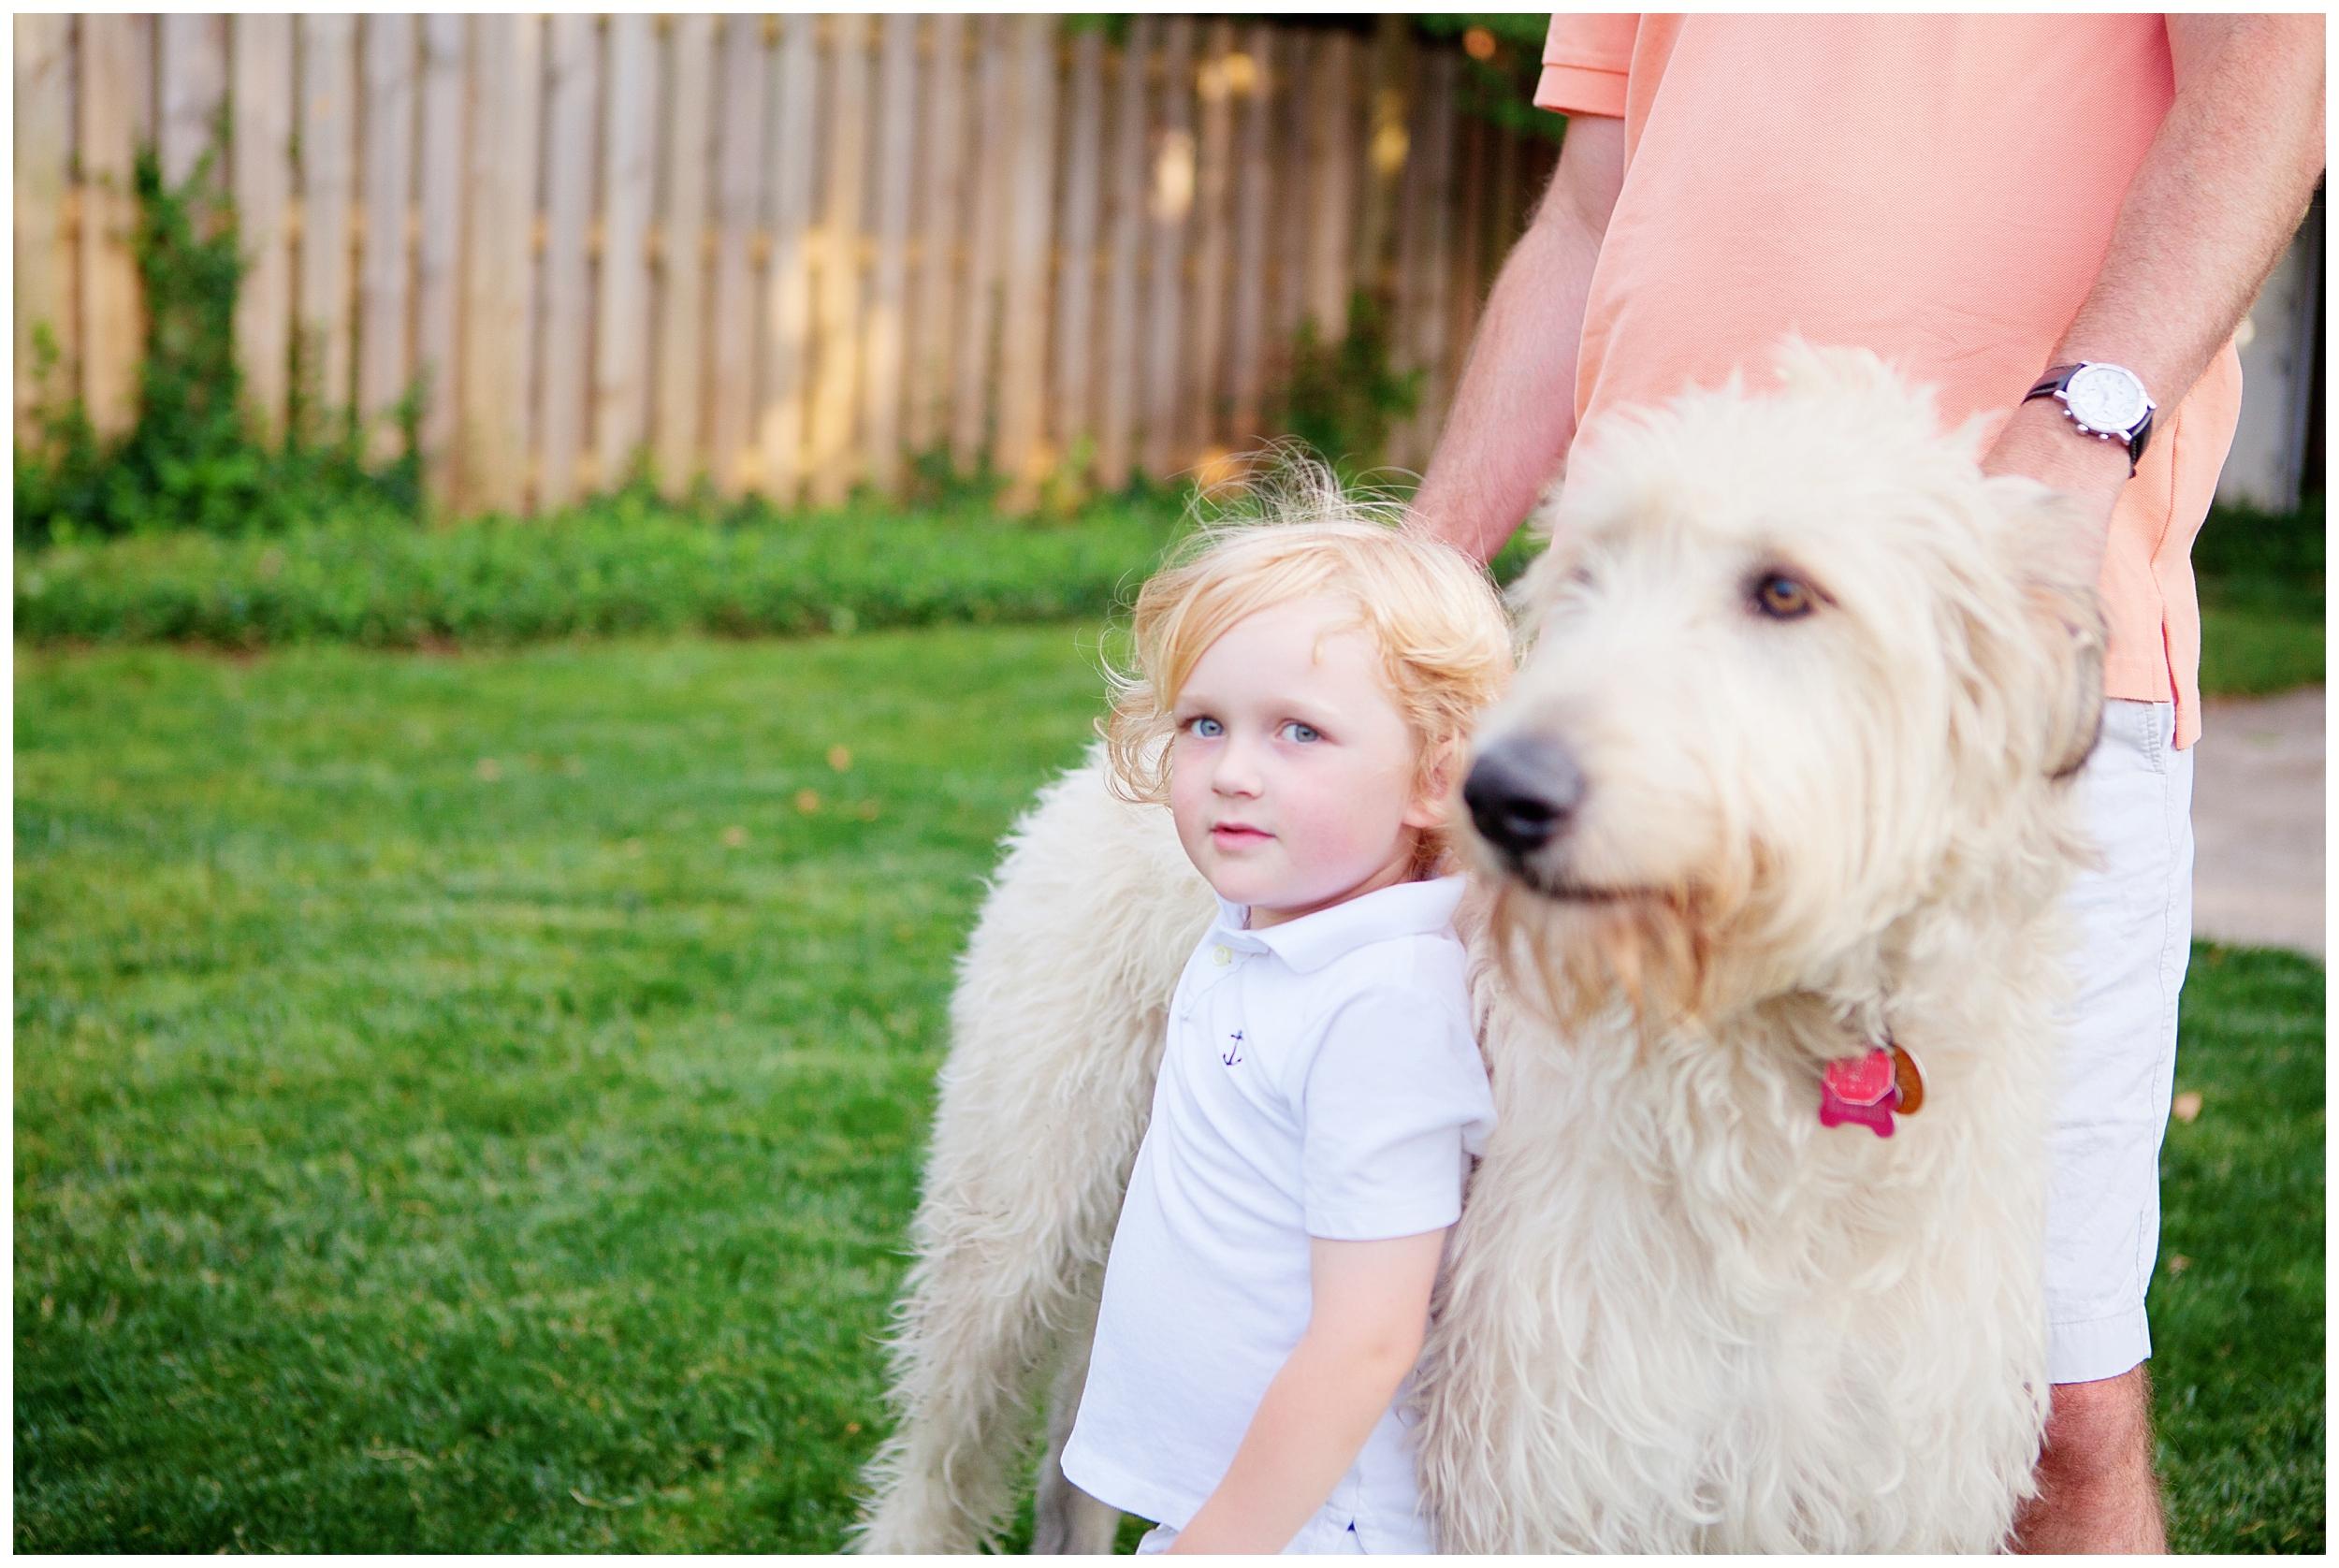 lexington-ky-family-lifestyle-photos-by-priscilla-baierlein_0013.jpg